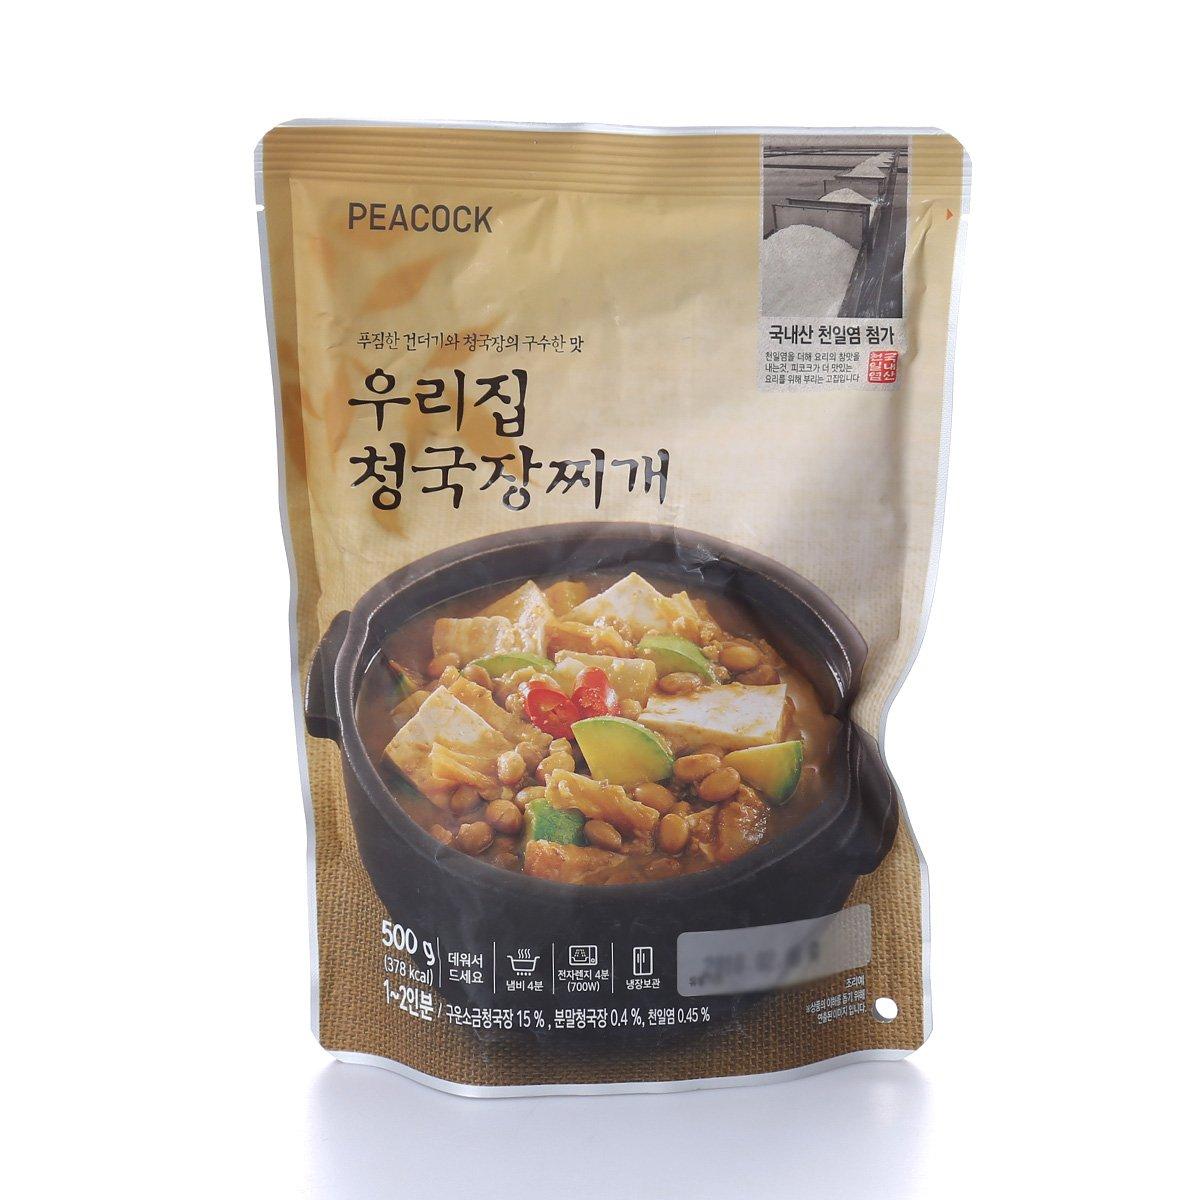 [피코크] 우리집 청국장찌개 500g